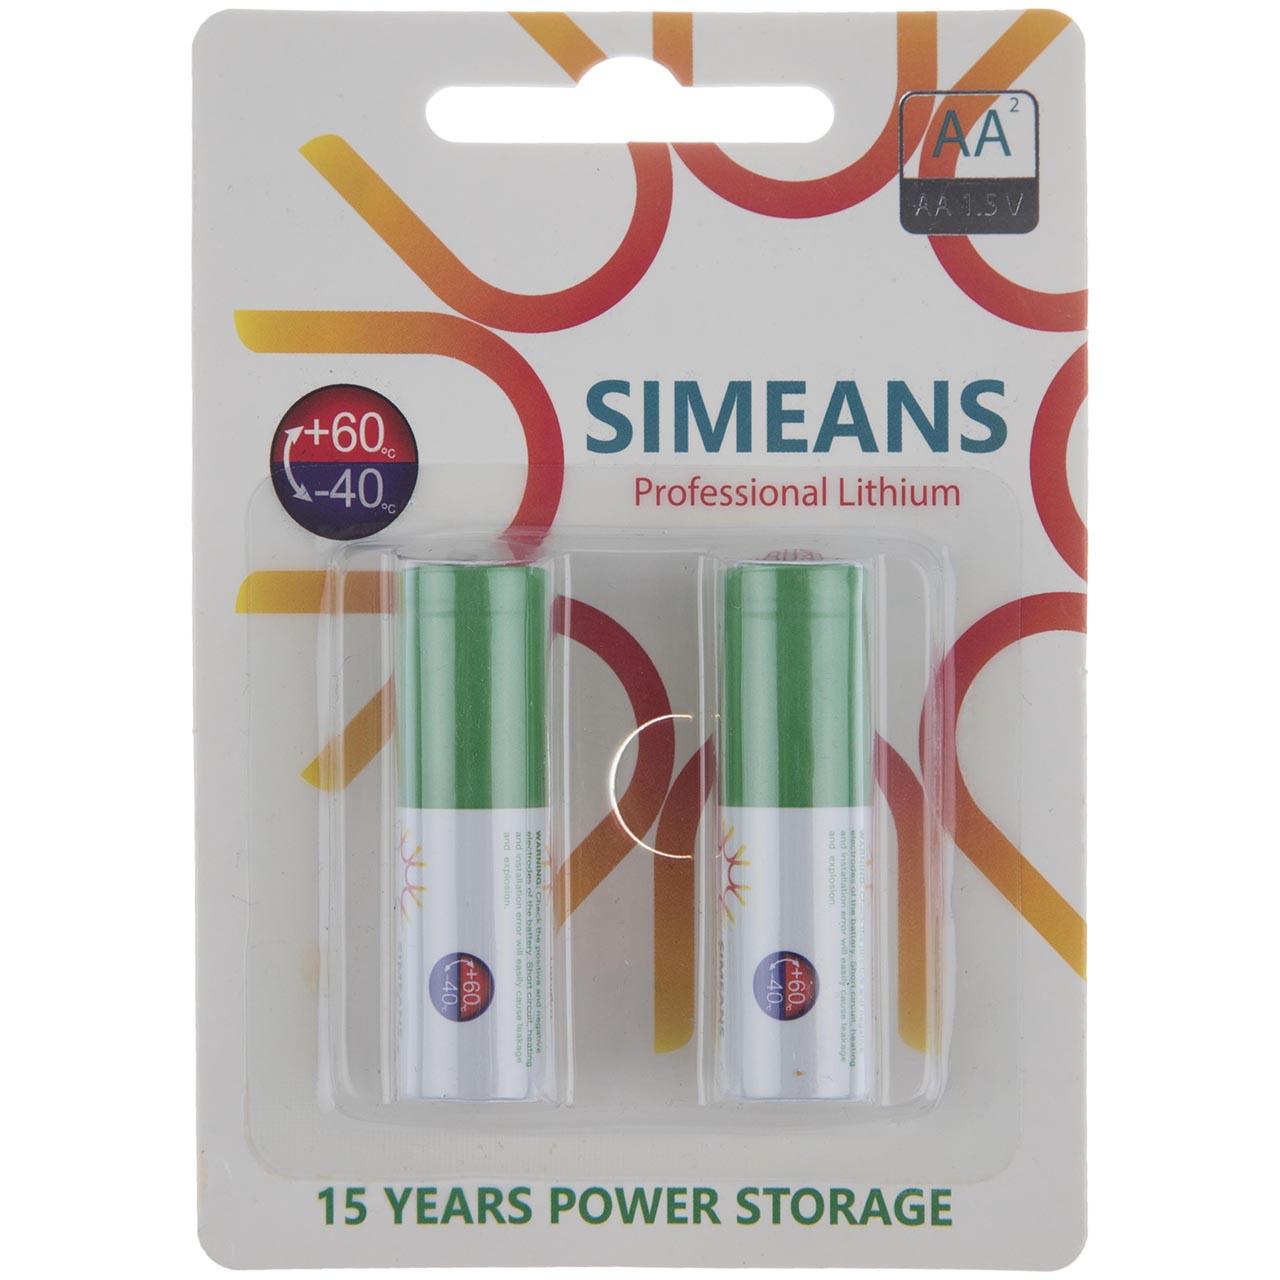 باتری قلمی سایمینس مدل Professional Lithium بسته 2 عددی